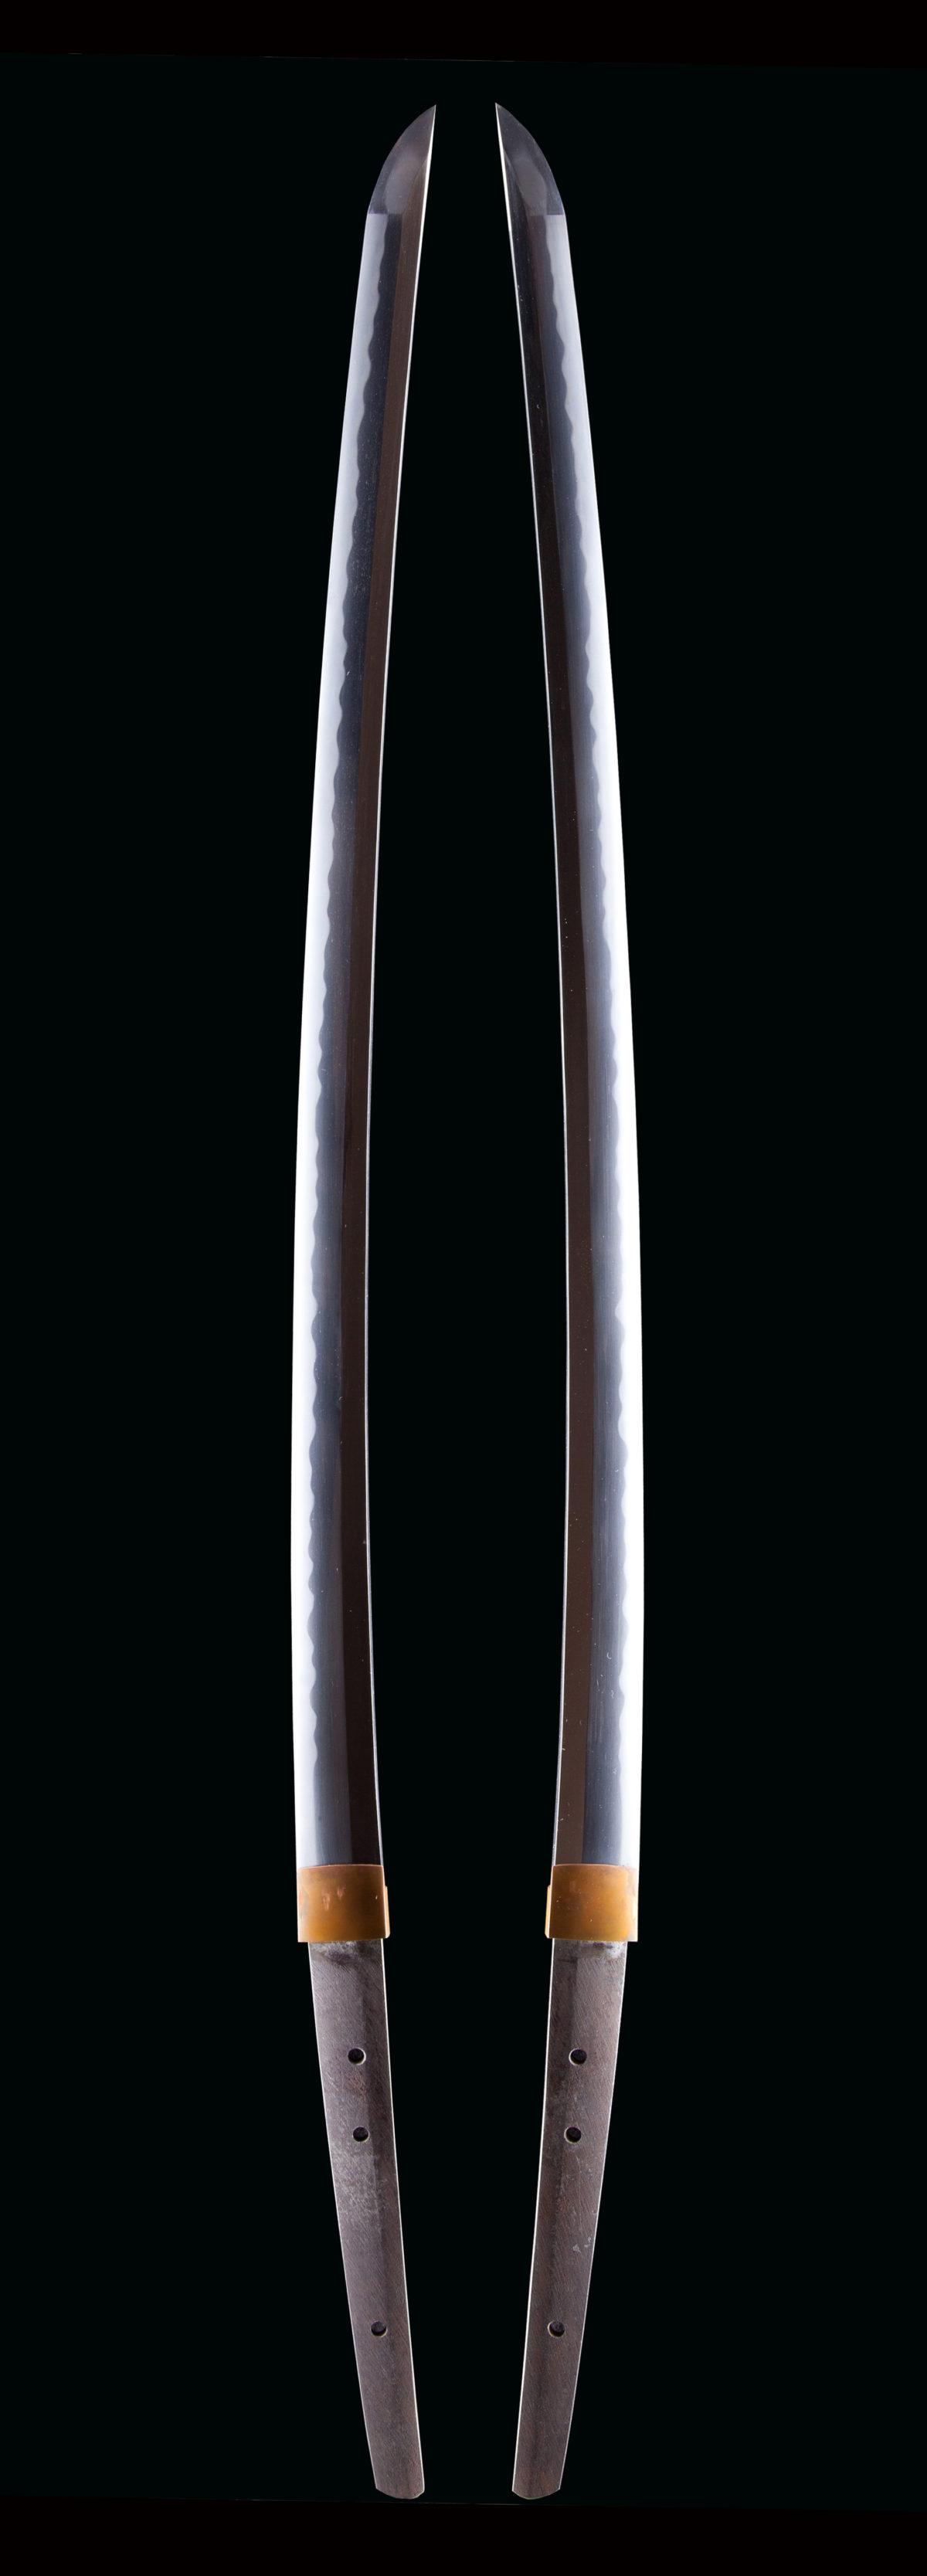 現代 刀工 関住 村山兼幸 本名村山鈴一 昭和の陸軍受命刀工。 岐阜県、昭和前期 1926生-1989年没 本名は村山鈴一。銘は兼幸、村山兼幸、濃州関住村山兼俊幸作など 本作は無銘ながら保存会の極め(鑑定書)が付き鎌倉期の写しと思われ晩年の作か。 鎬作り、庵棟、目釘3個と鎌倉期の写しかと思われる。 地鉄は板目無地風、刃文は互ノ目乱に尖り刃交え、 中切先が延び46.1mm大切先なみで帽子は焼込んで大丸に返り。 重量裸刀身844gと重量感がある一振り。